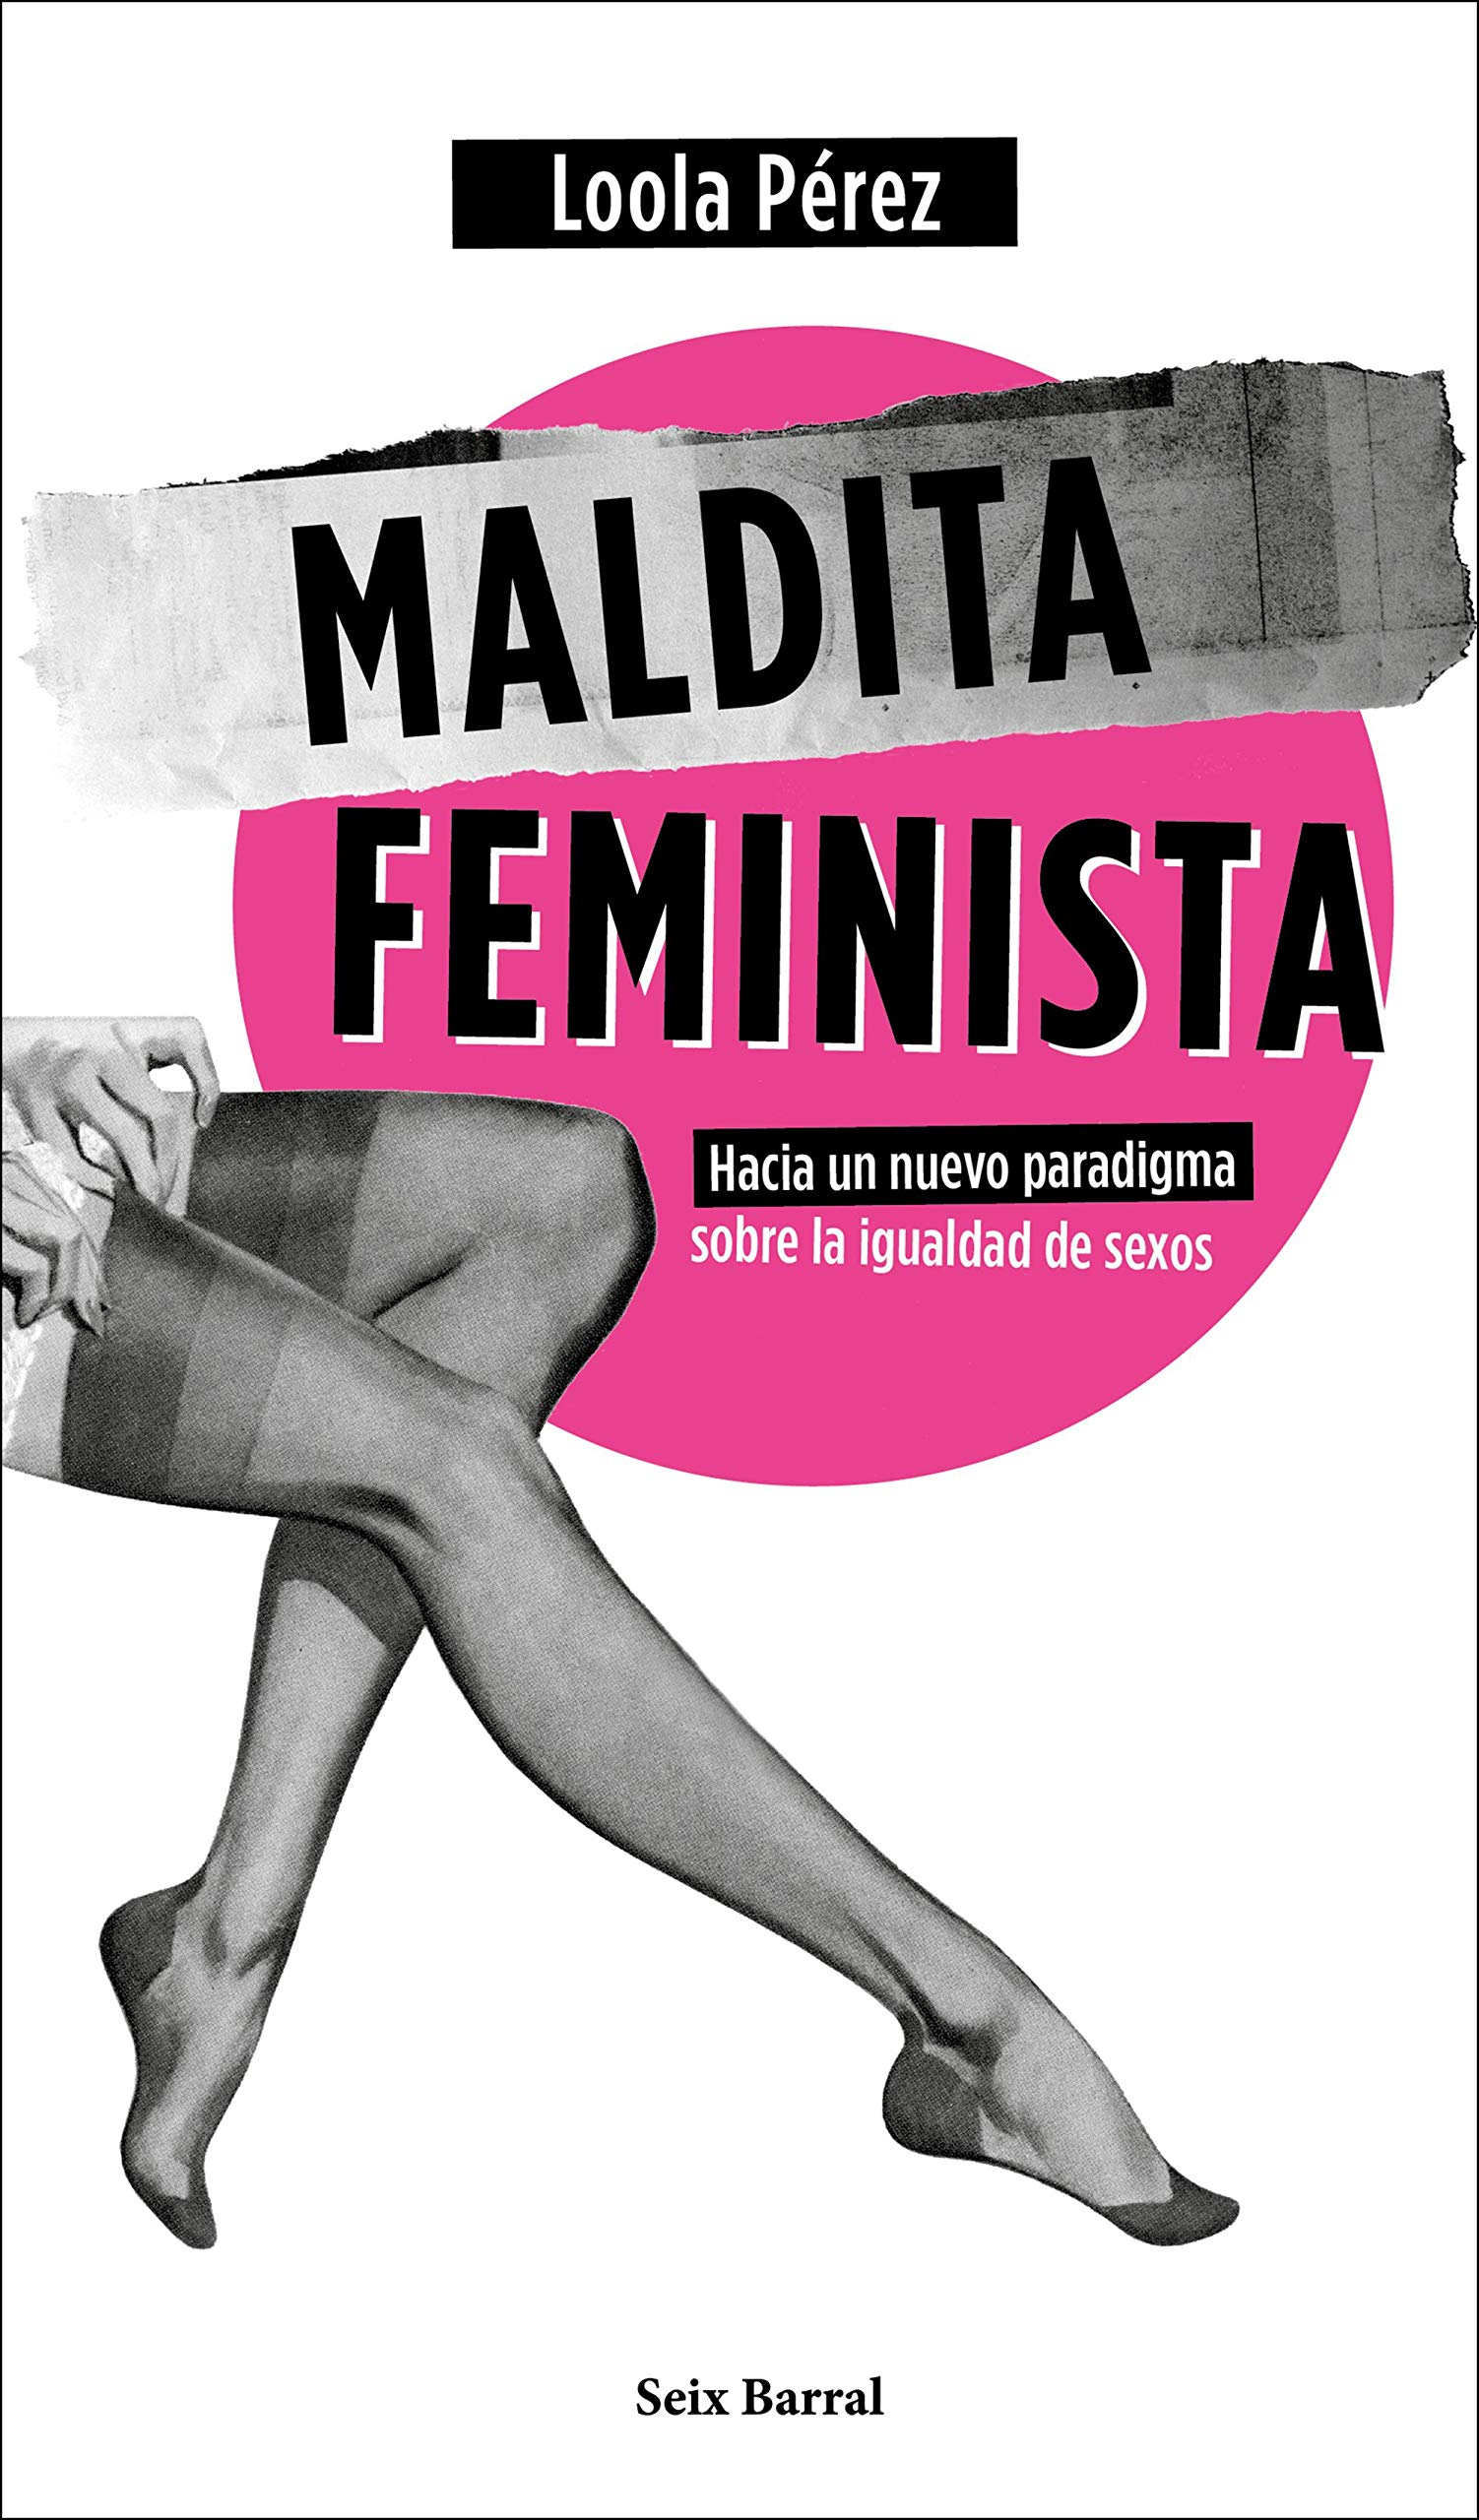 Maldita feminista: Hacia un nuevo paradigma sobre la igualdad de sexos Los Tres Mundos: Amazon.es: Pérez, Loola: Libros